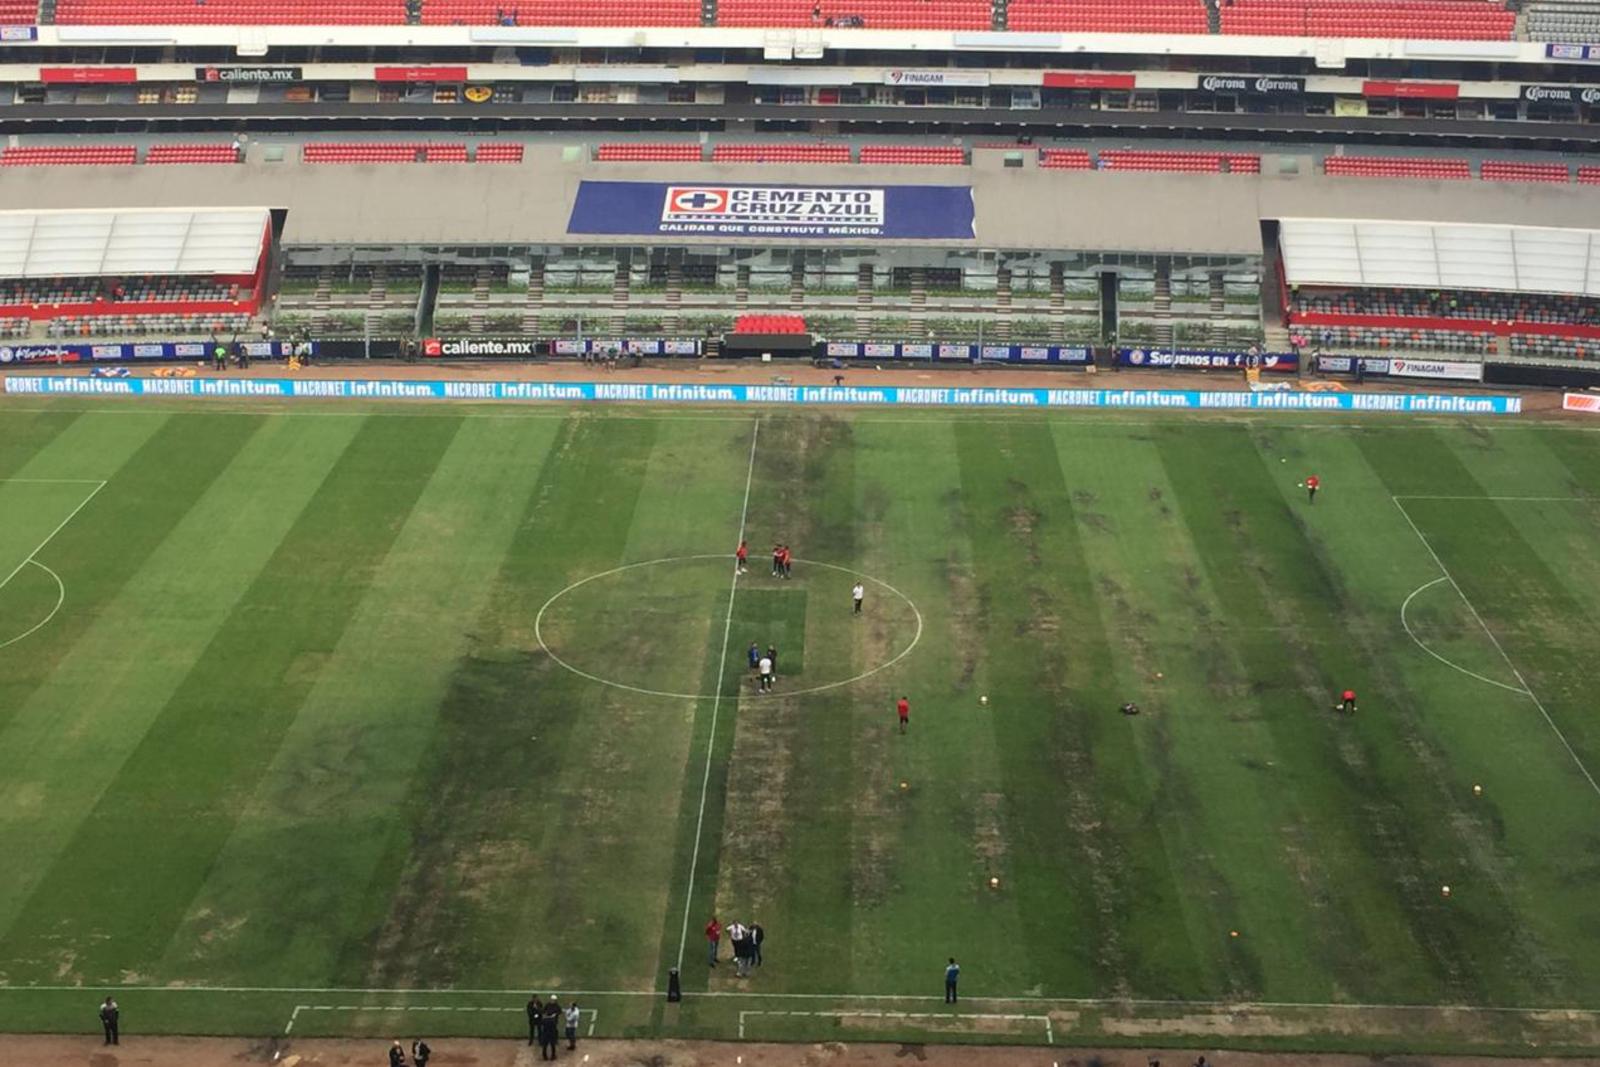 El Azteca, en malas condiciones previo a NFL